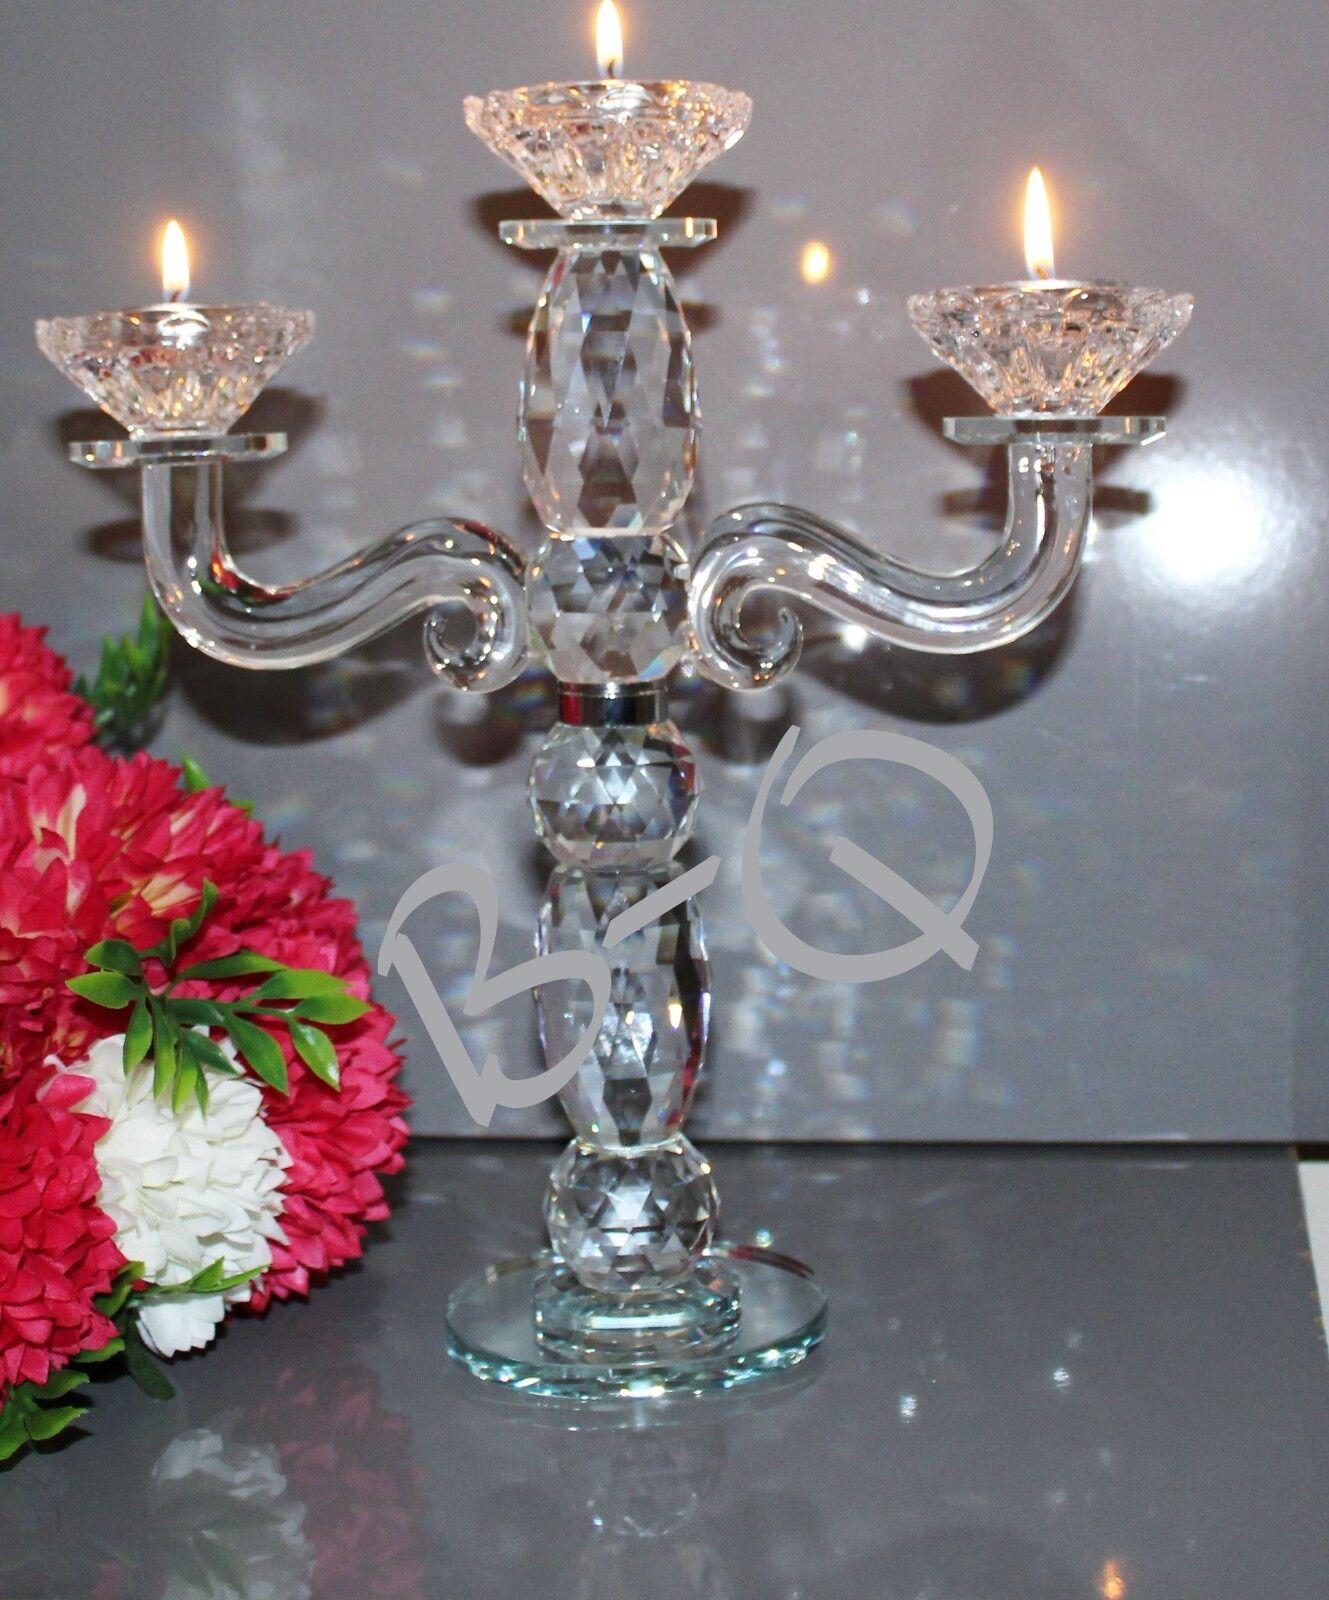 Lamps Antiques United Coppia Lampade Candelabri Vintage Retro 100% Original